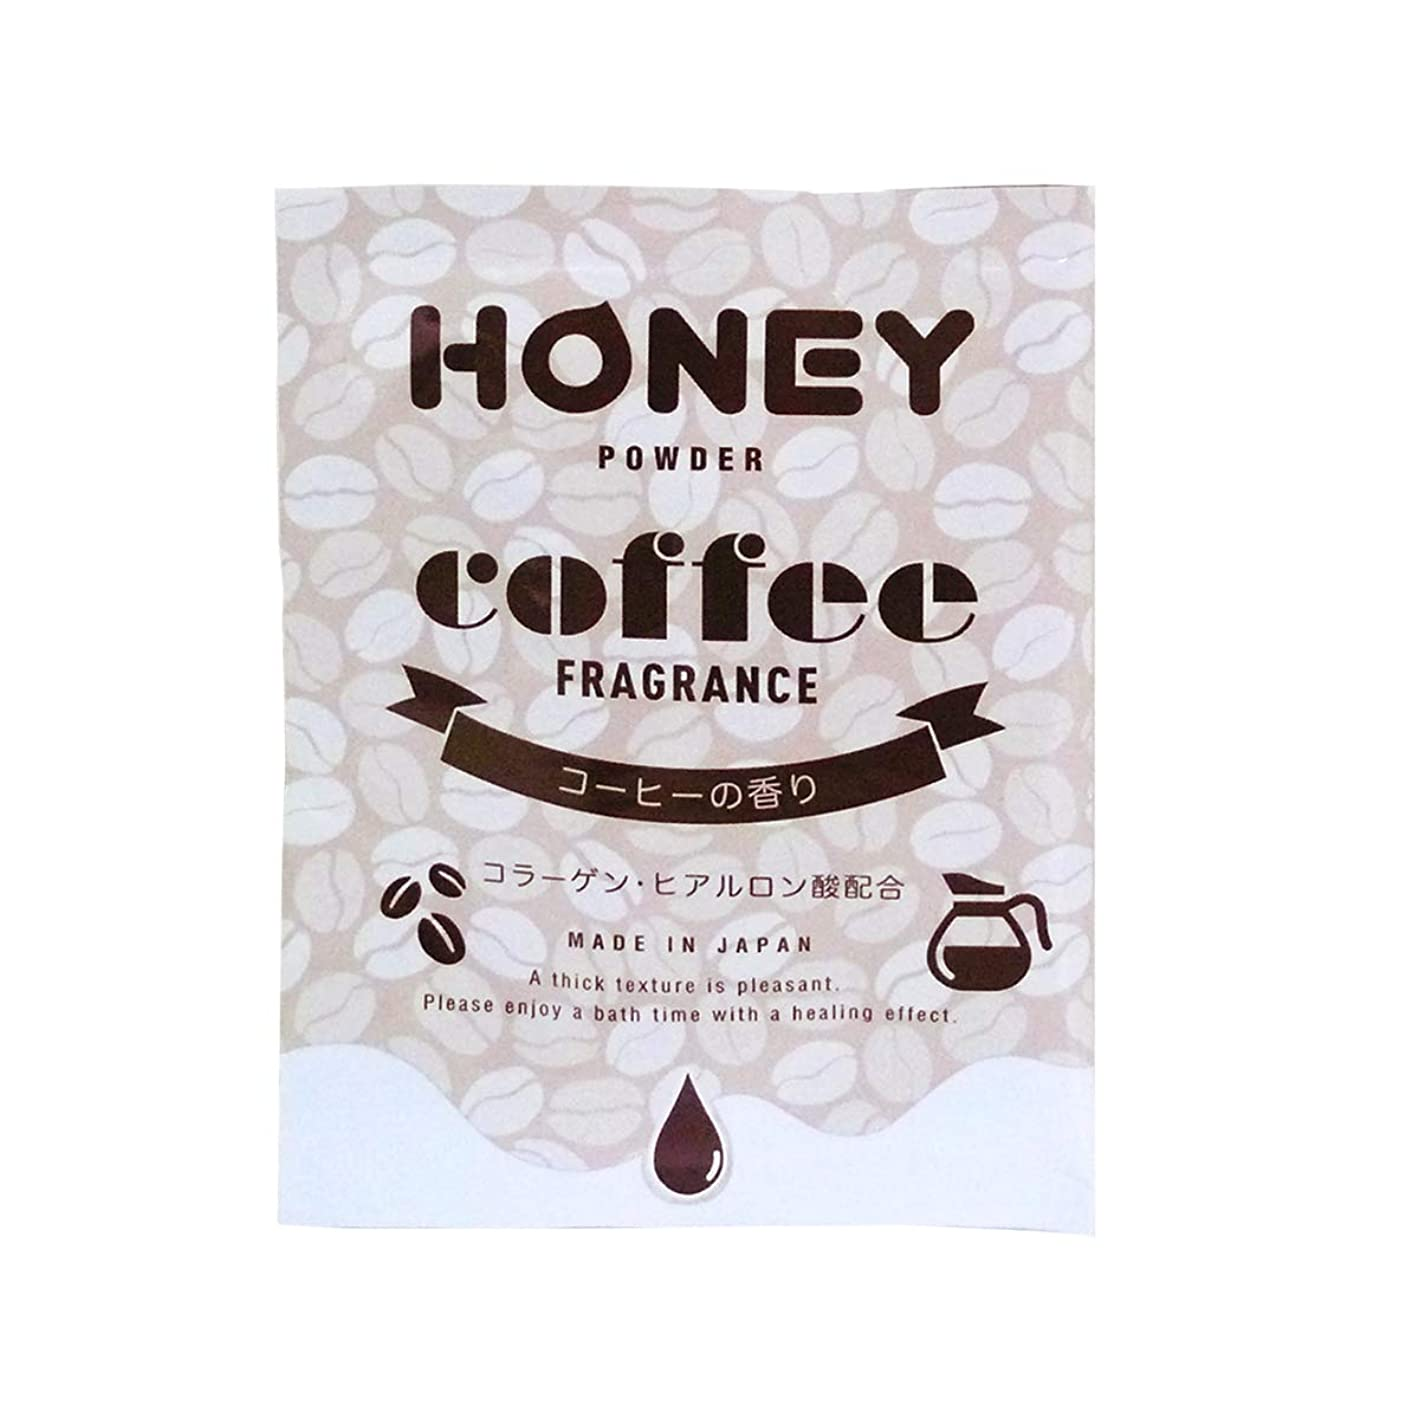 ボイラー祈る悪用とろとろ入浴剤【honey powder】(ハニーパウダー) コーヒーの香り 粉末タイプ ローション